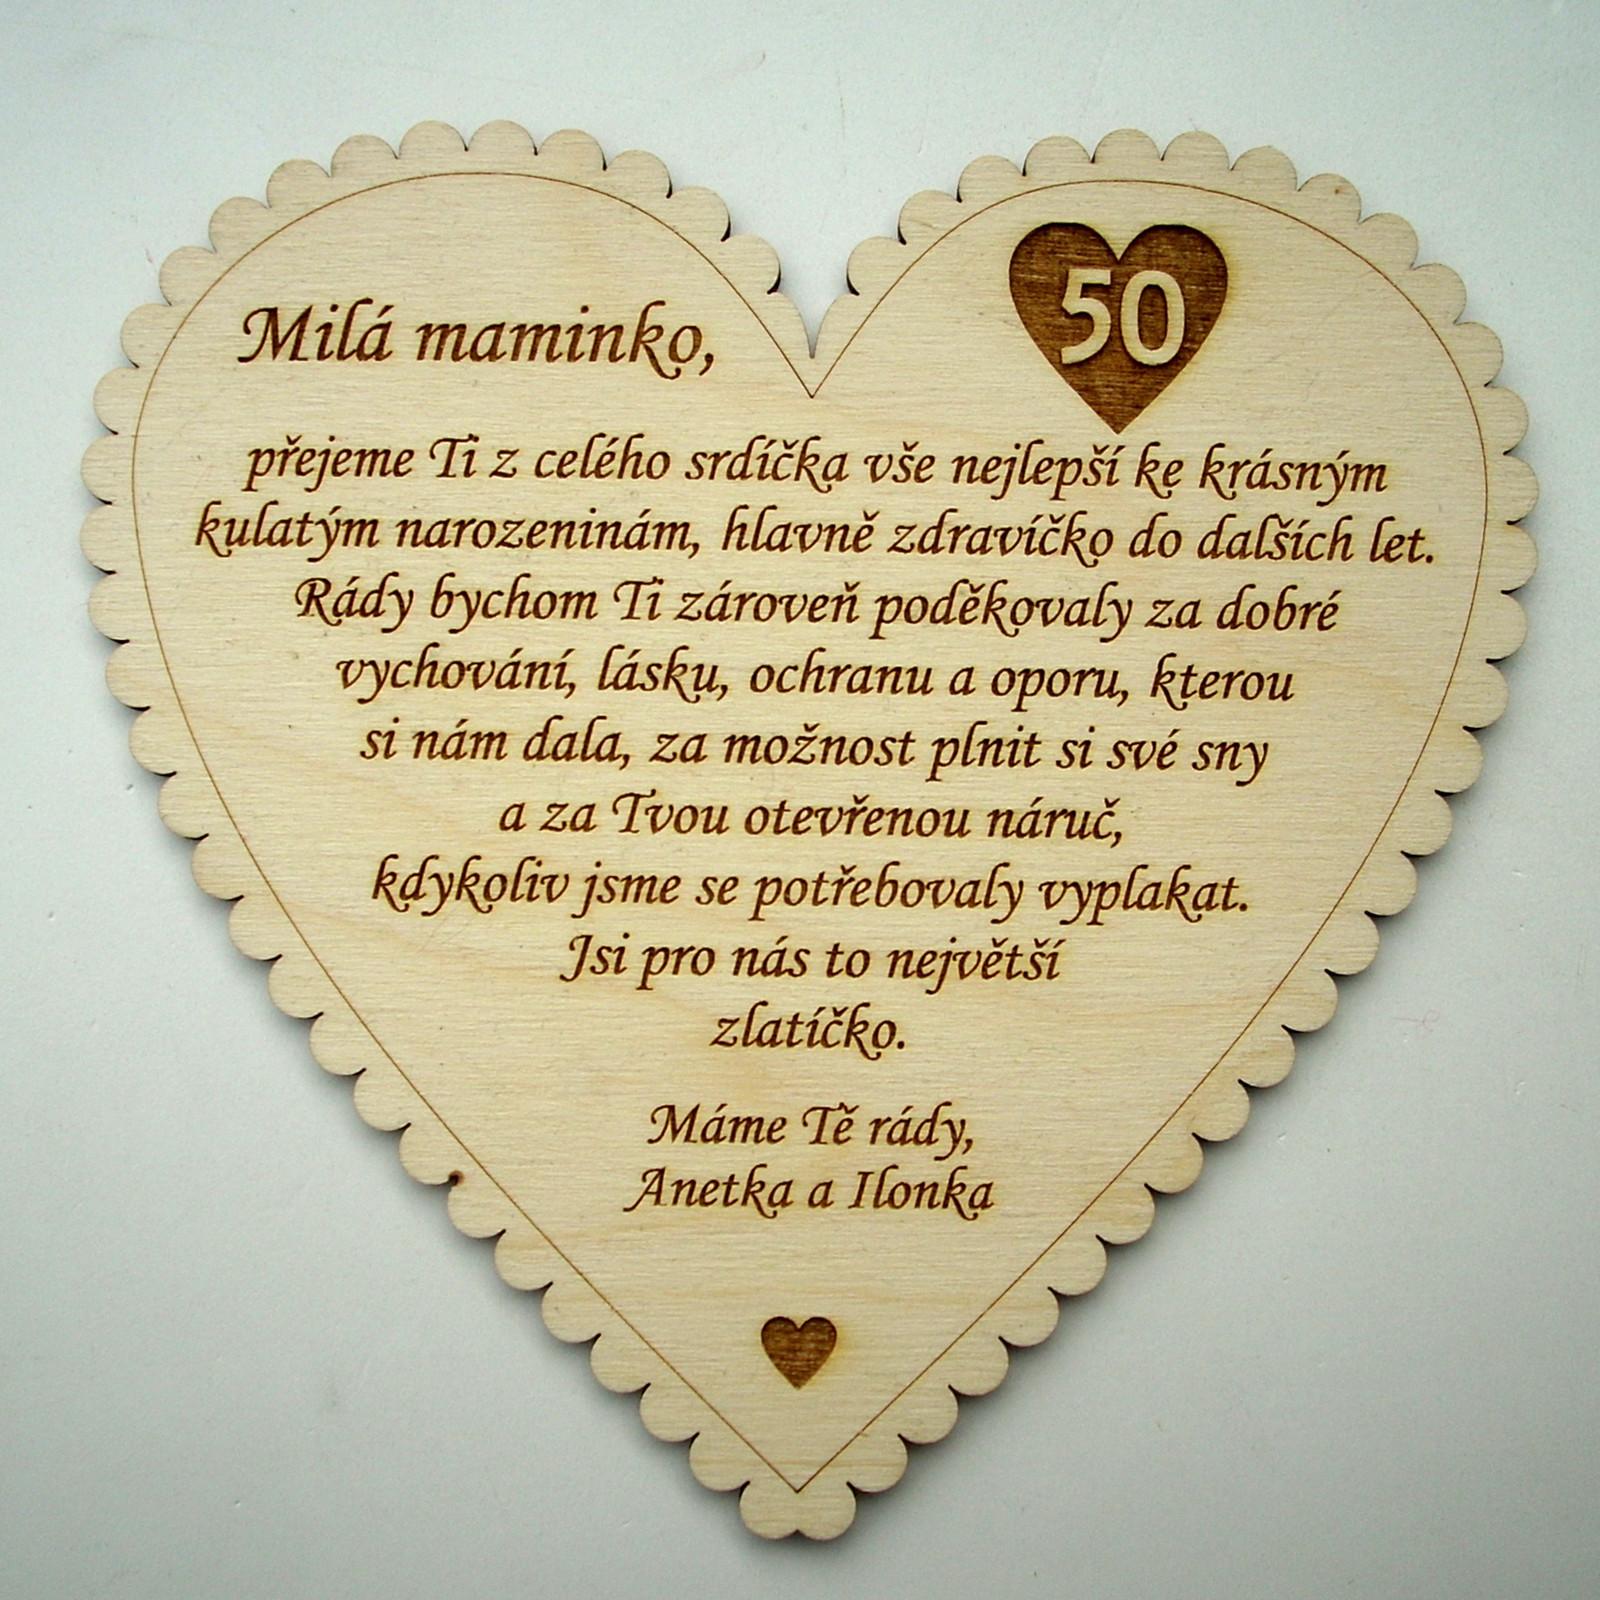 přání mamince k 50 narozeninám Blahopřání mamince